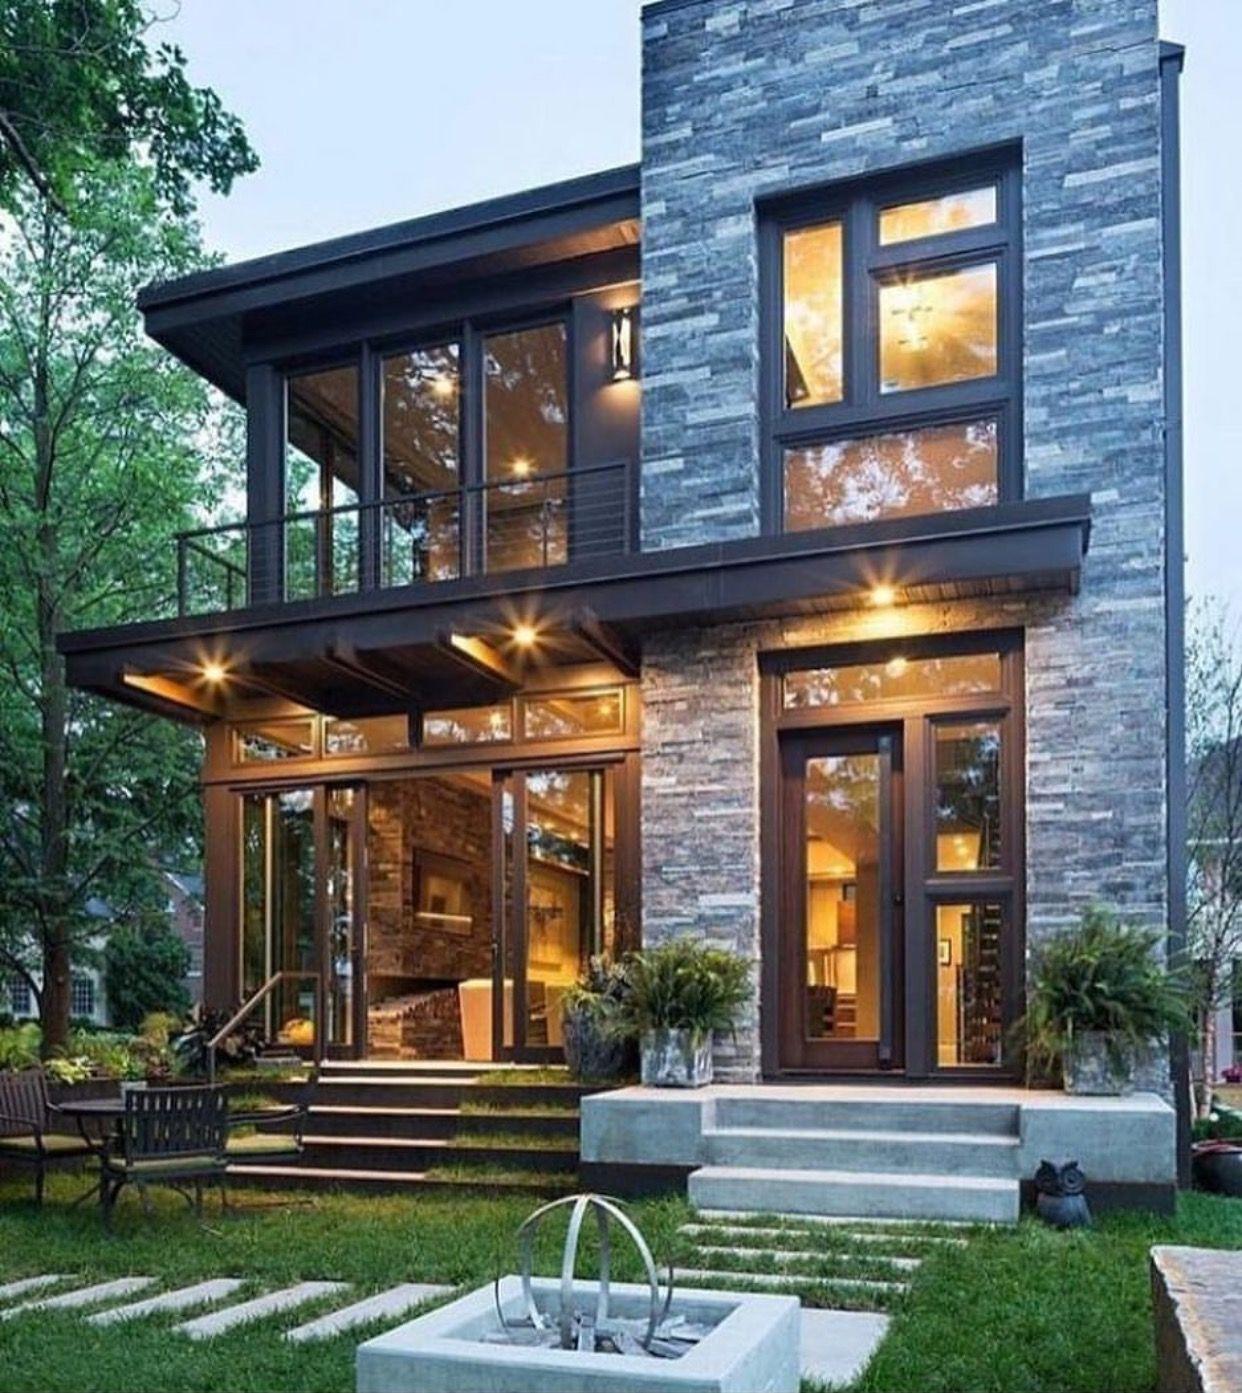 Kleines haus außendesign casas modernas y coloniales y rústicas  haus exterieur  pinterest